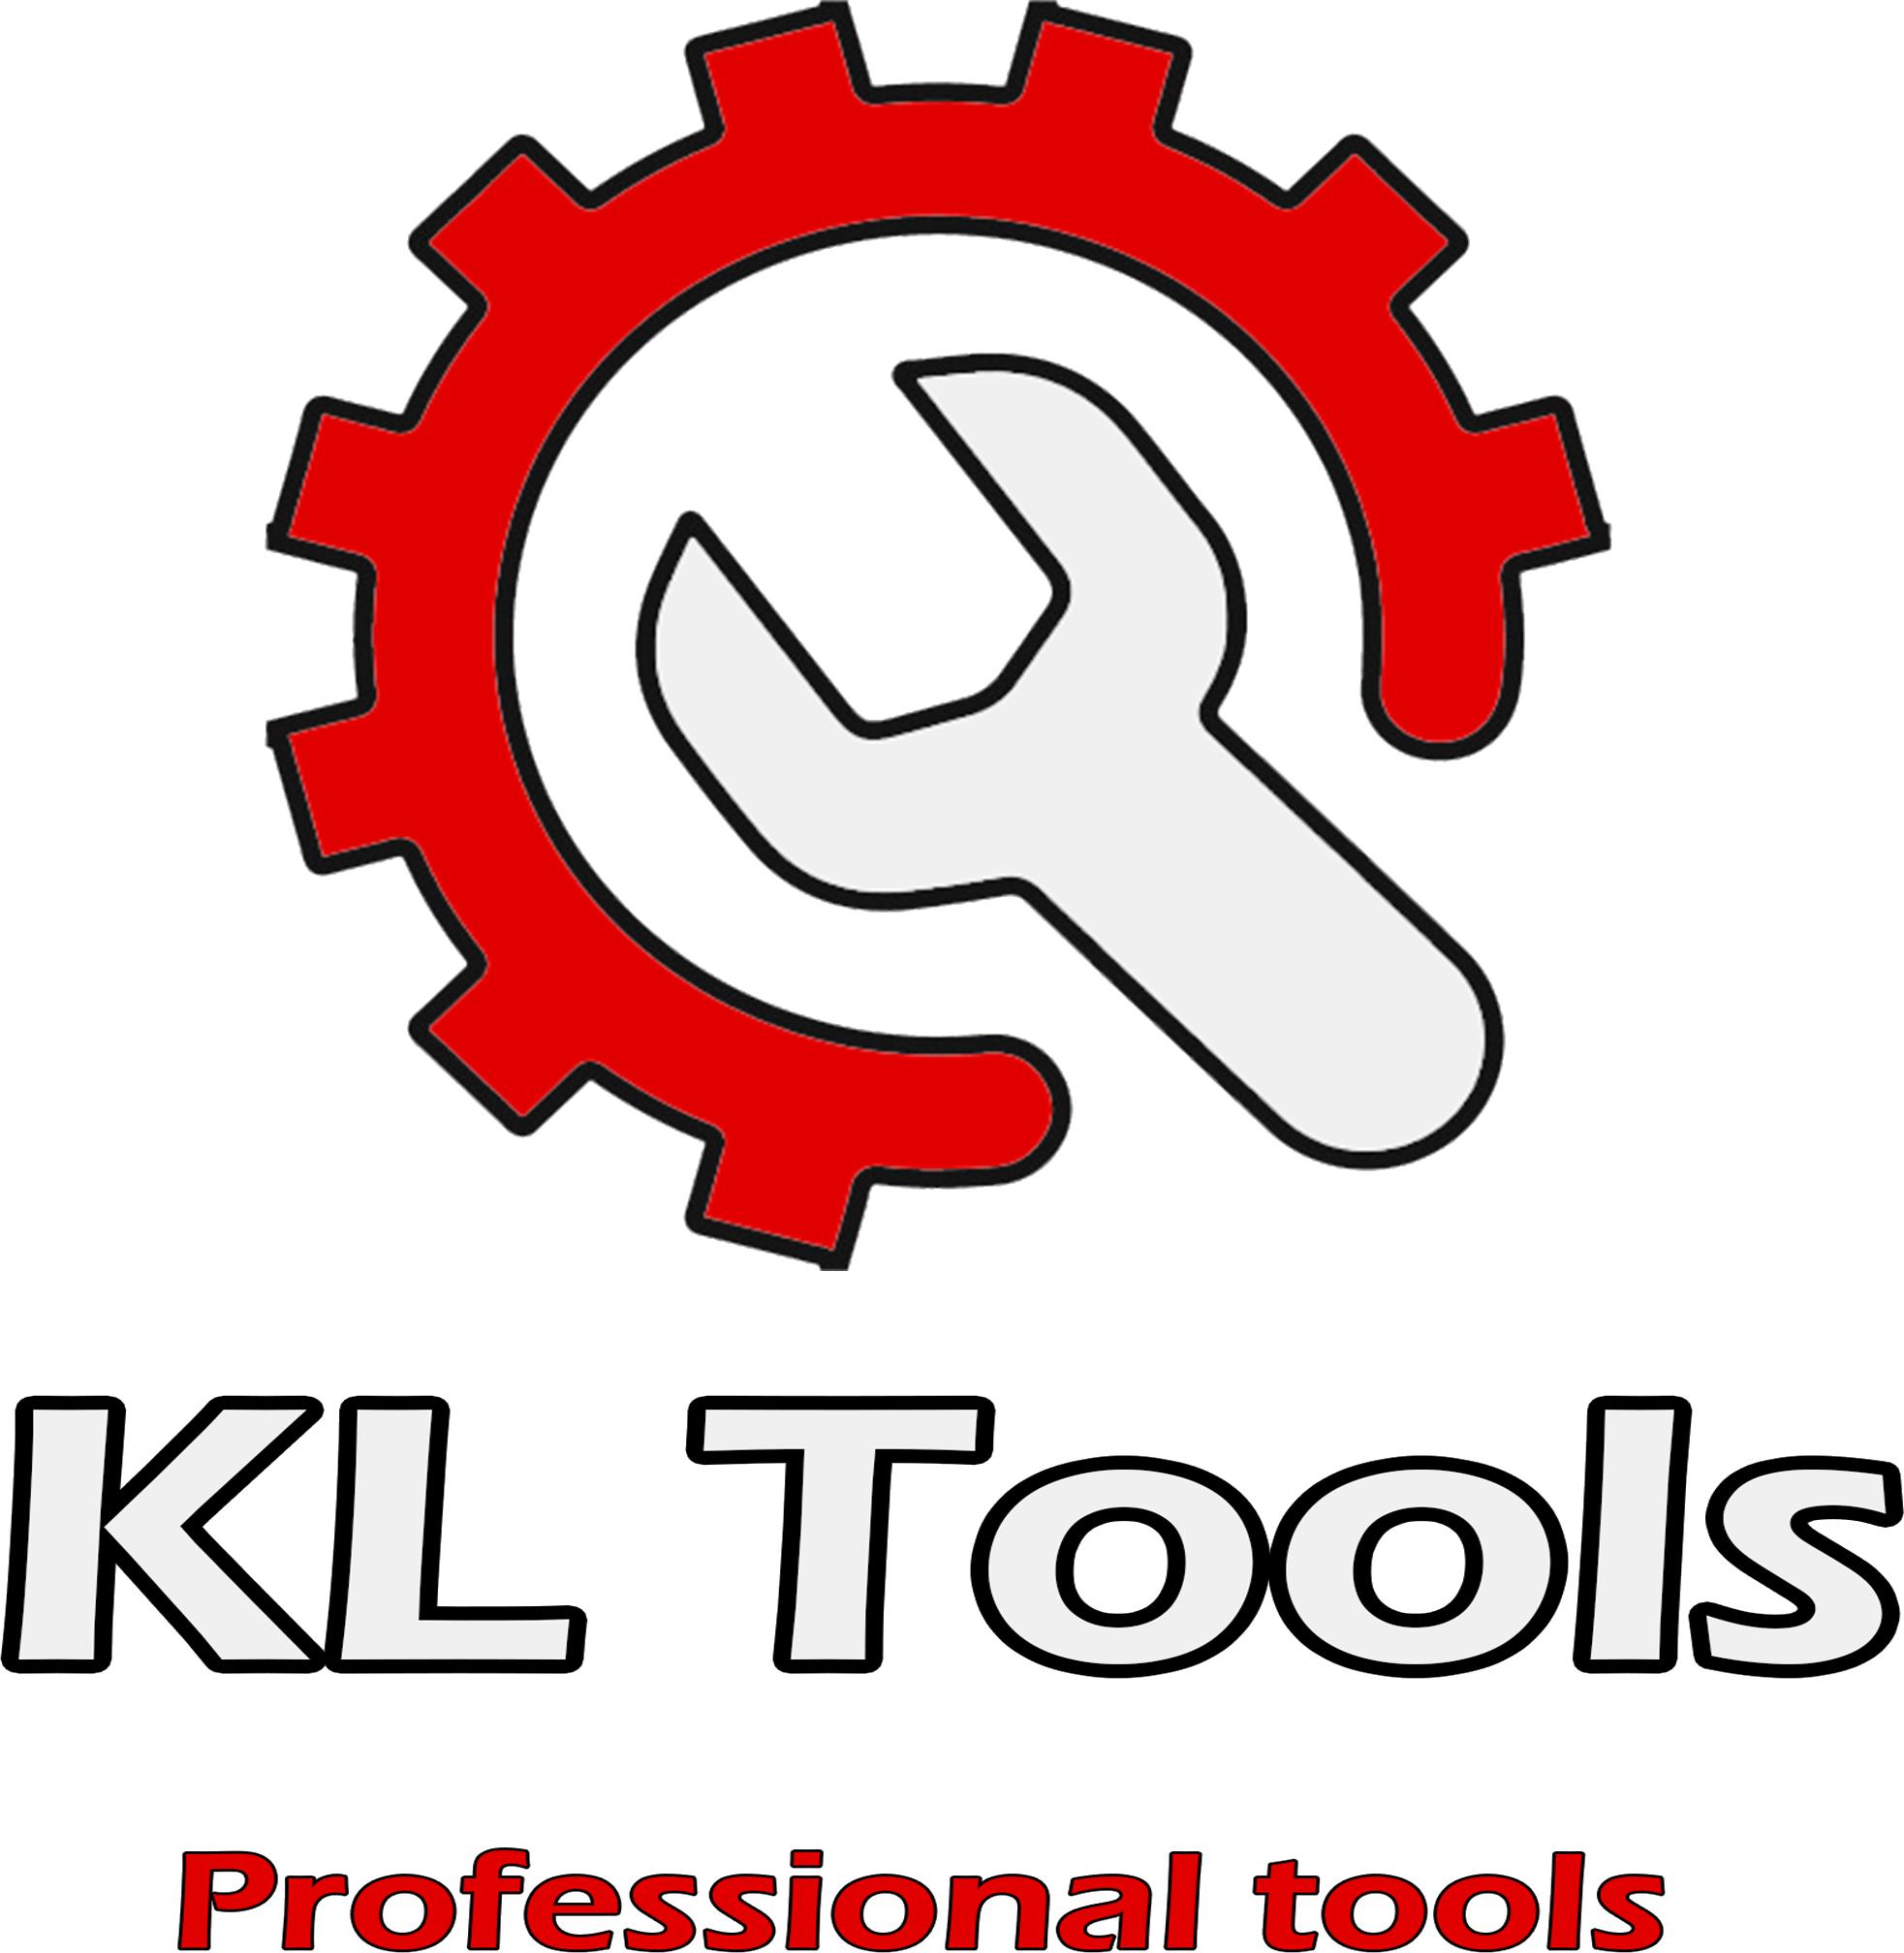 KL Tools